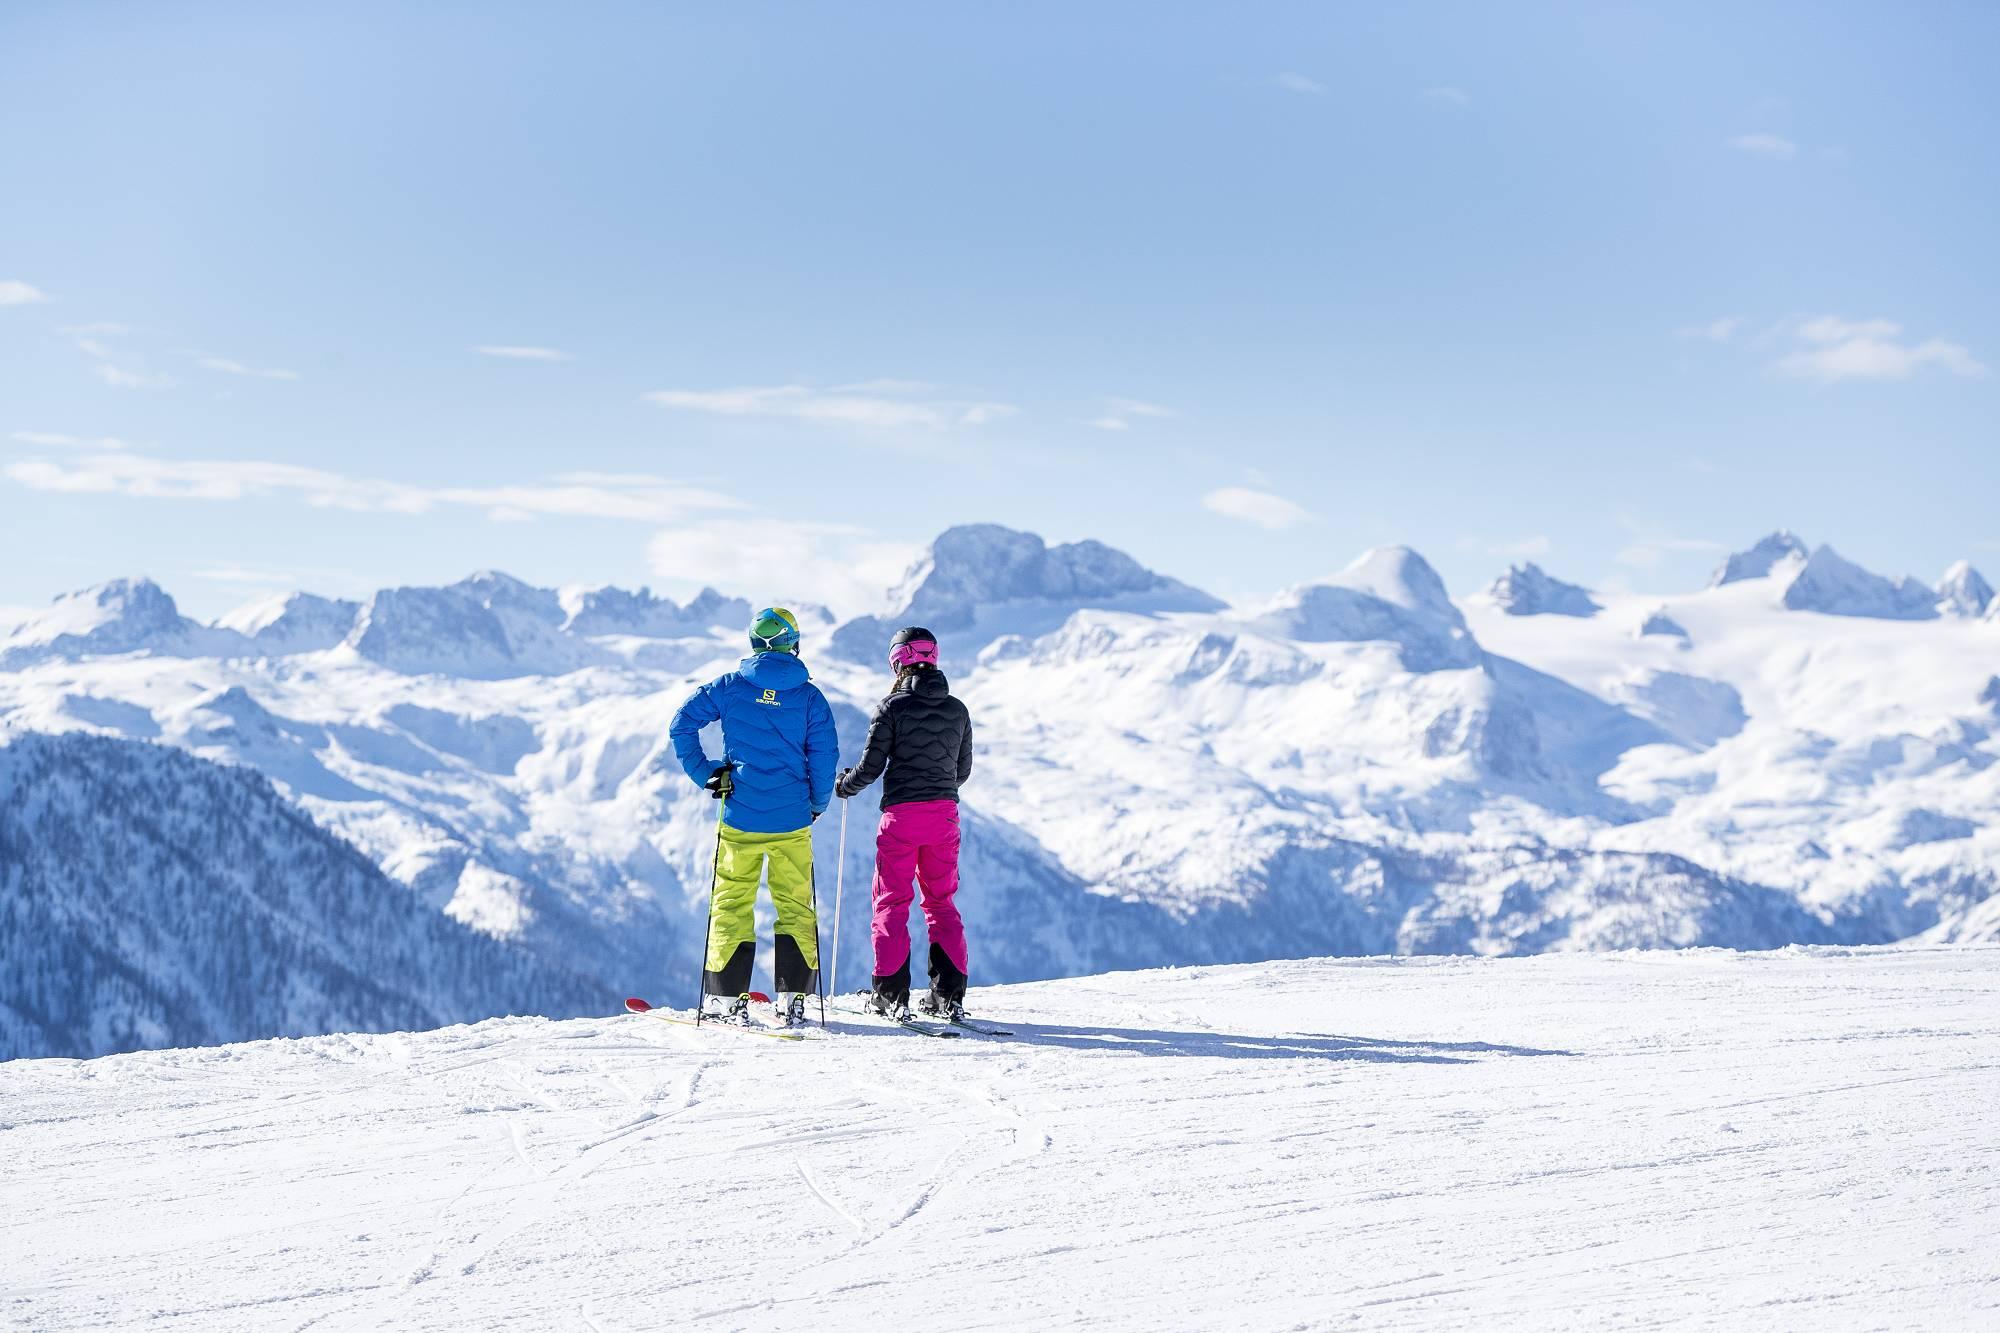 Zwei Skier auf der sicheren Piste vor dem Dachstein Gletscher Panorama.